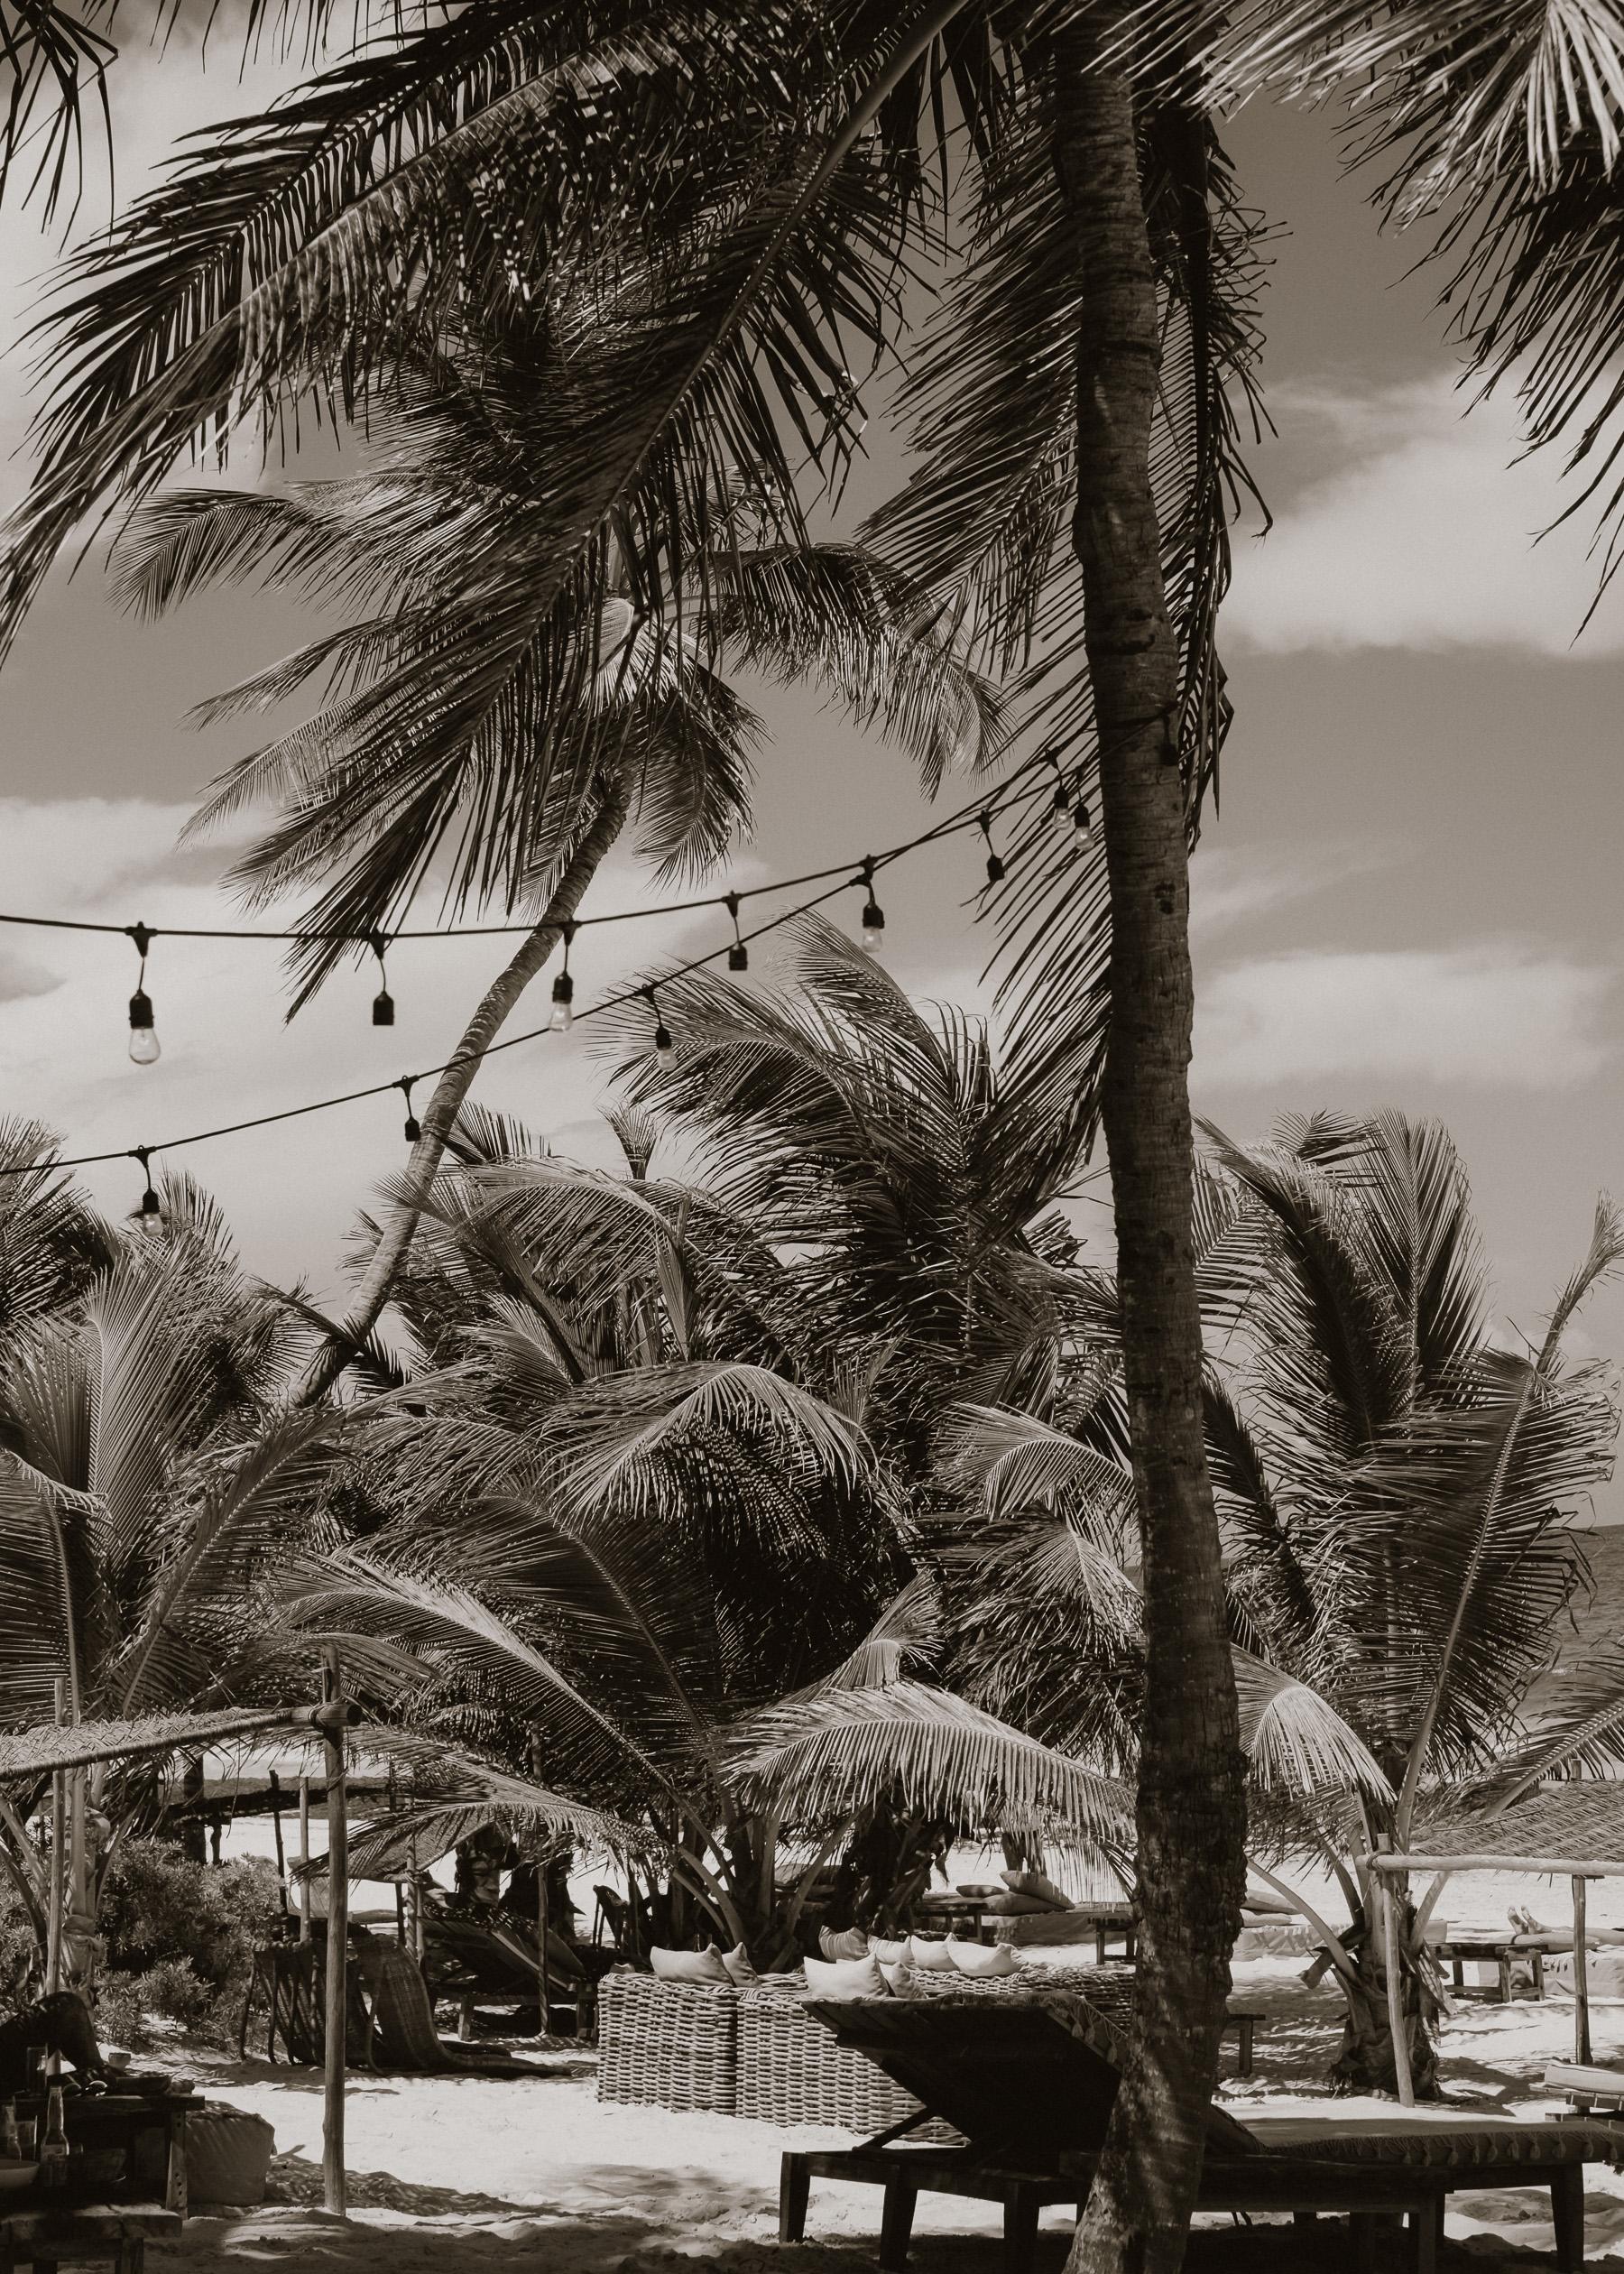 Calming beach scenes.